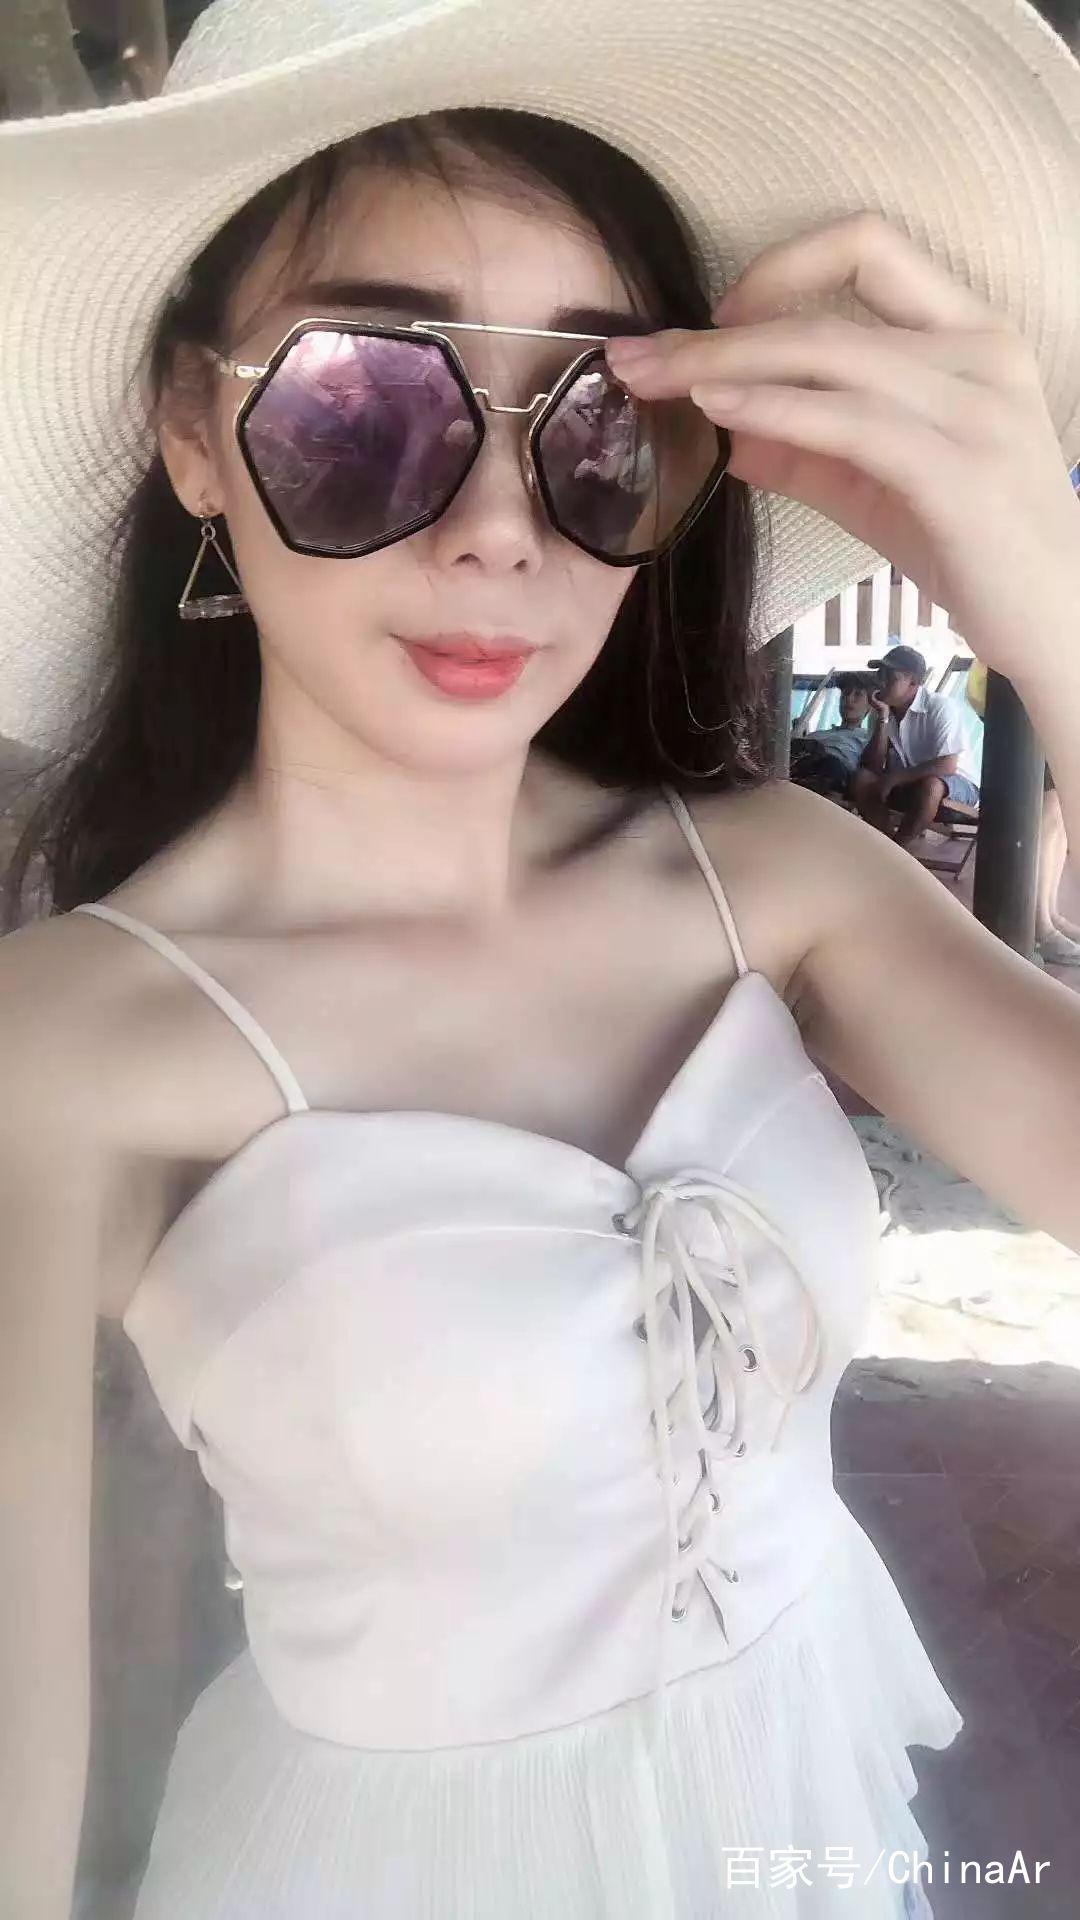 越南芽庄塔尔民宿,潜水胜地需要套马的女汉子! 推荐 第12张